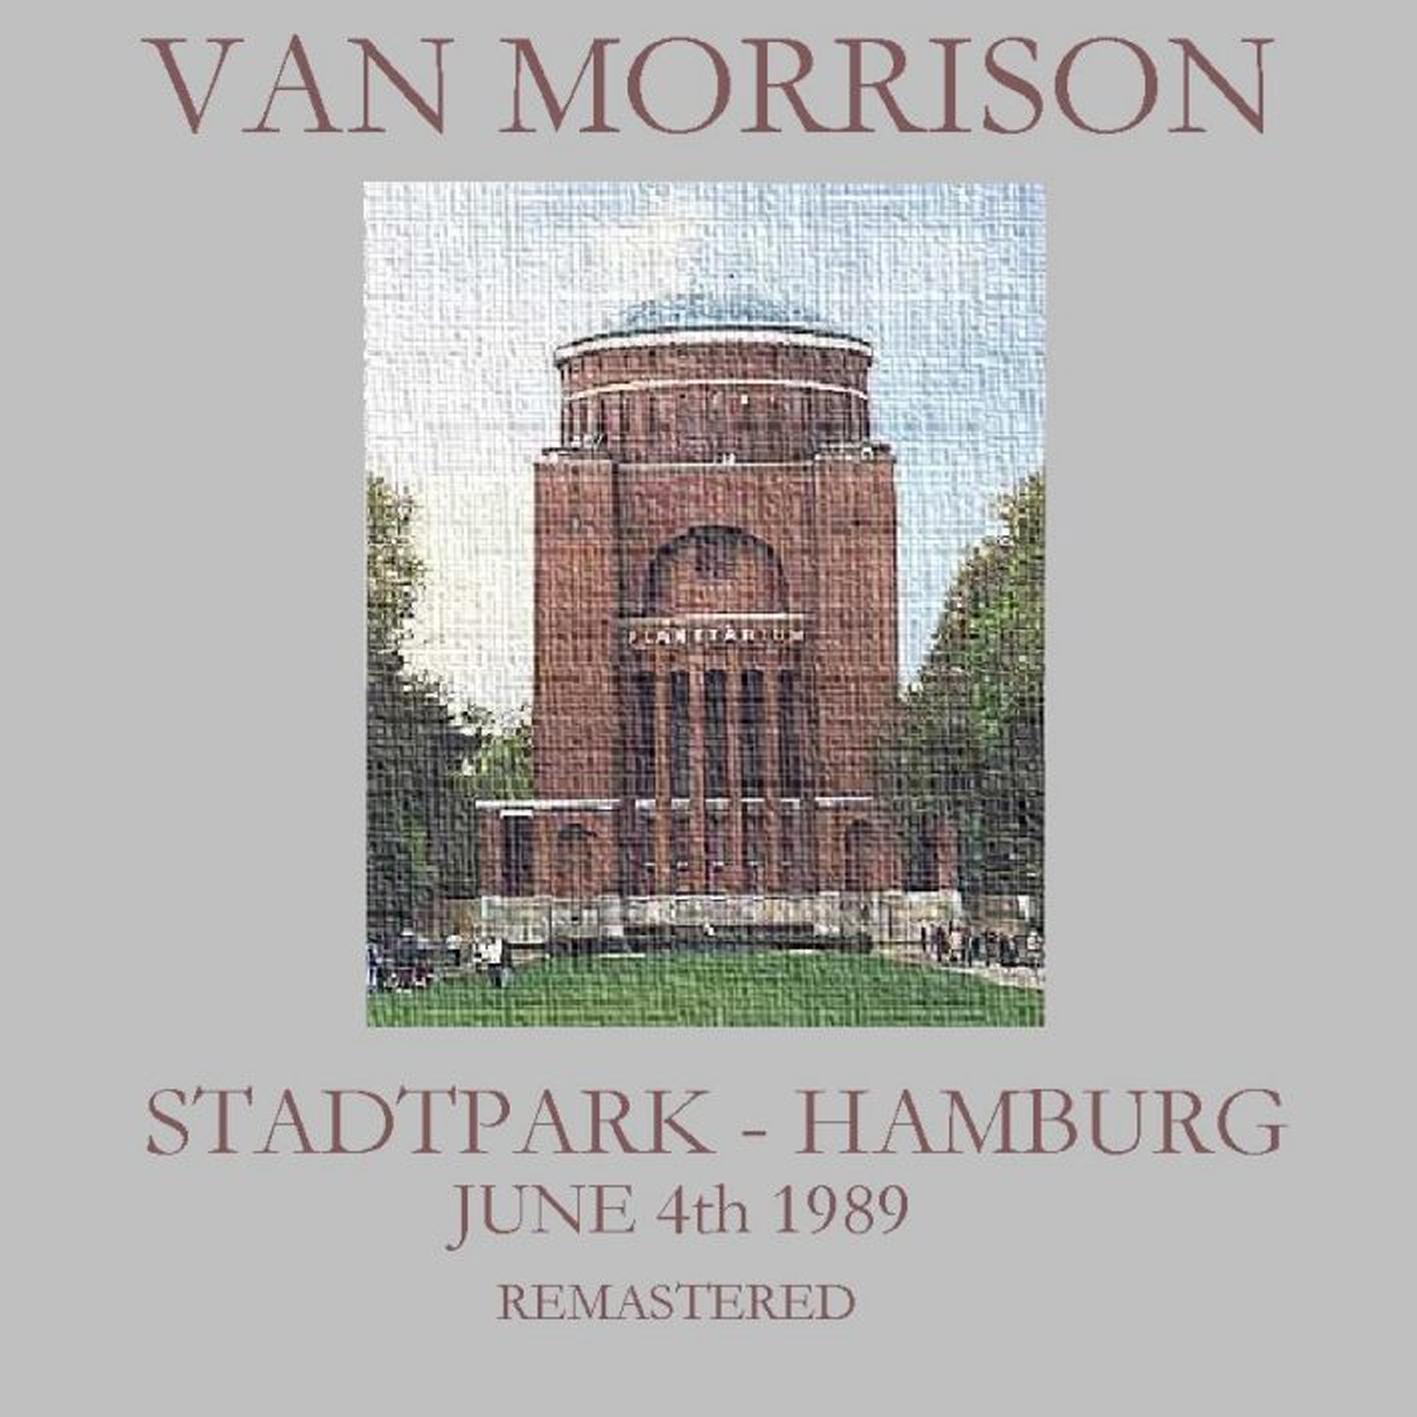 VanMorrison1989-06-04StadtparkHamburgGermany.jpg